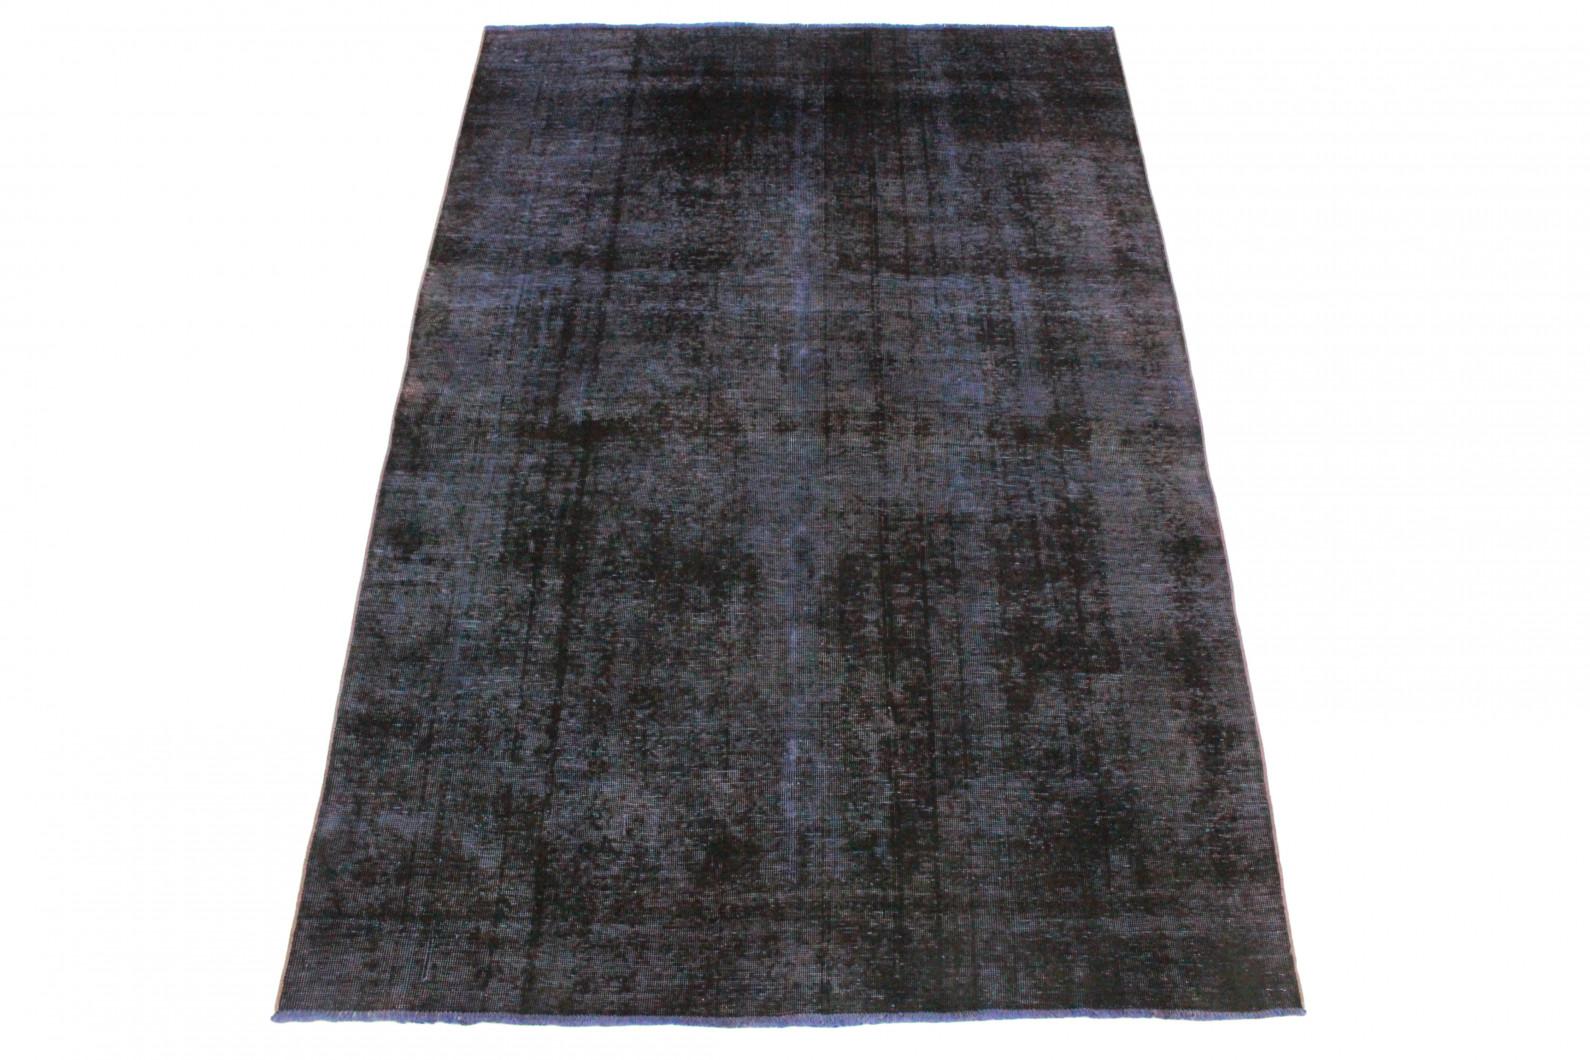 Vintage Teppich Blau Lila in 270x190 (1 / 4)